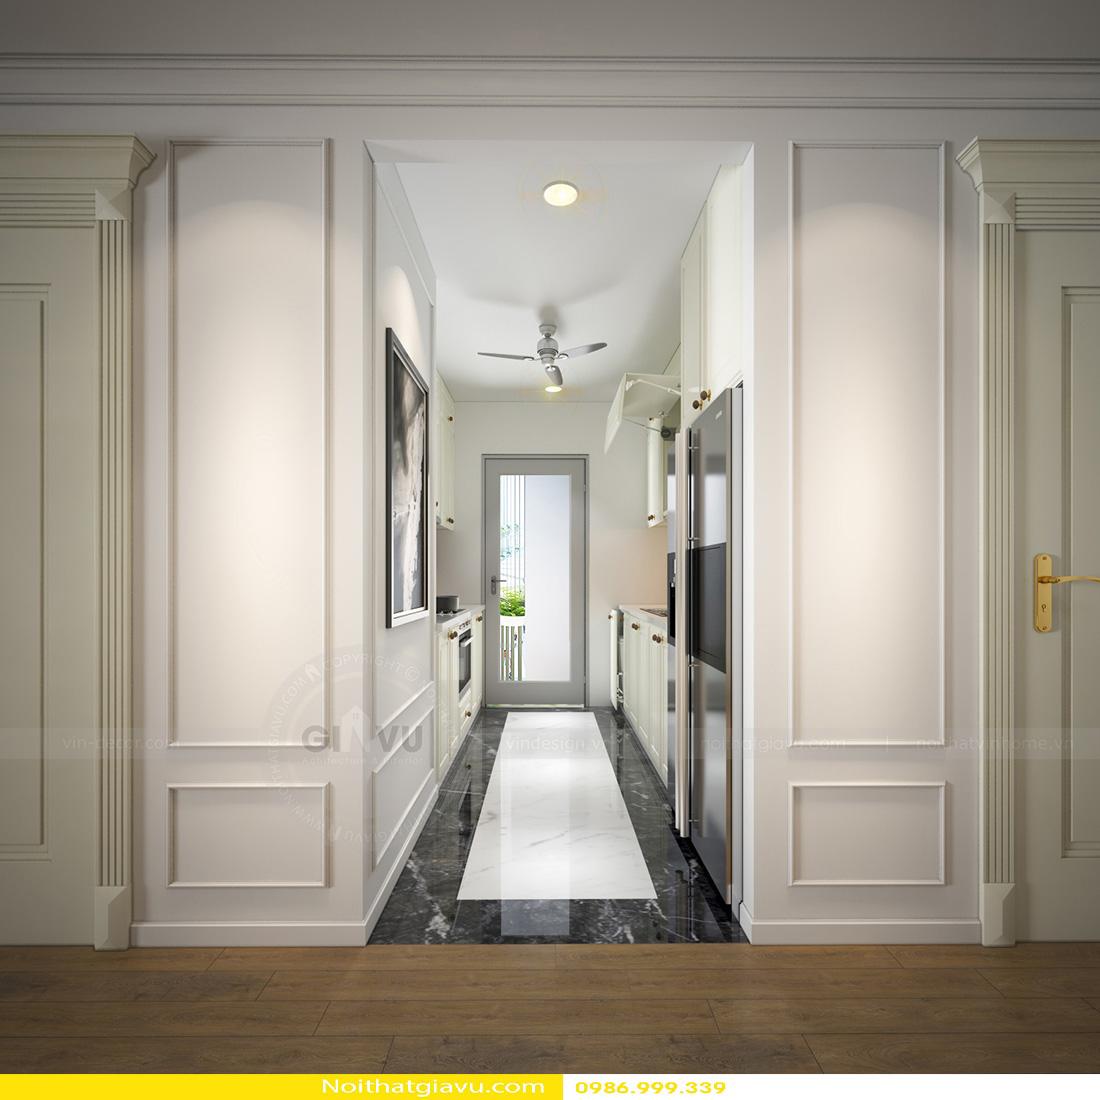 thiết kế nội thất chung cư và nguyên tắc vàng 06